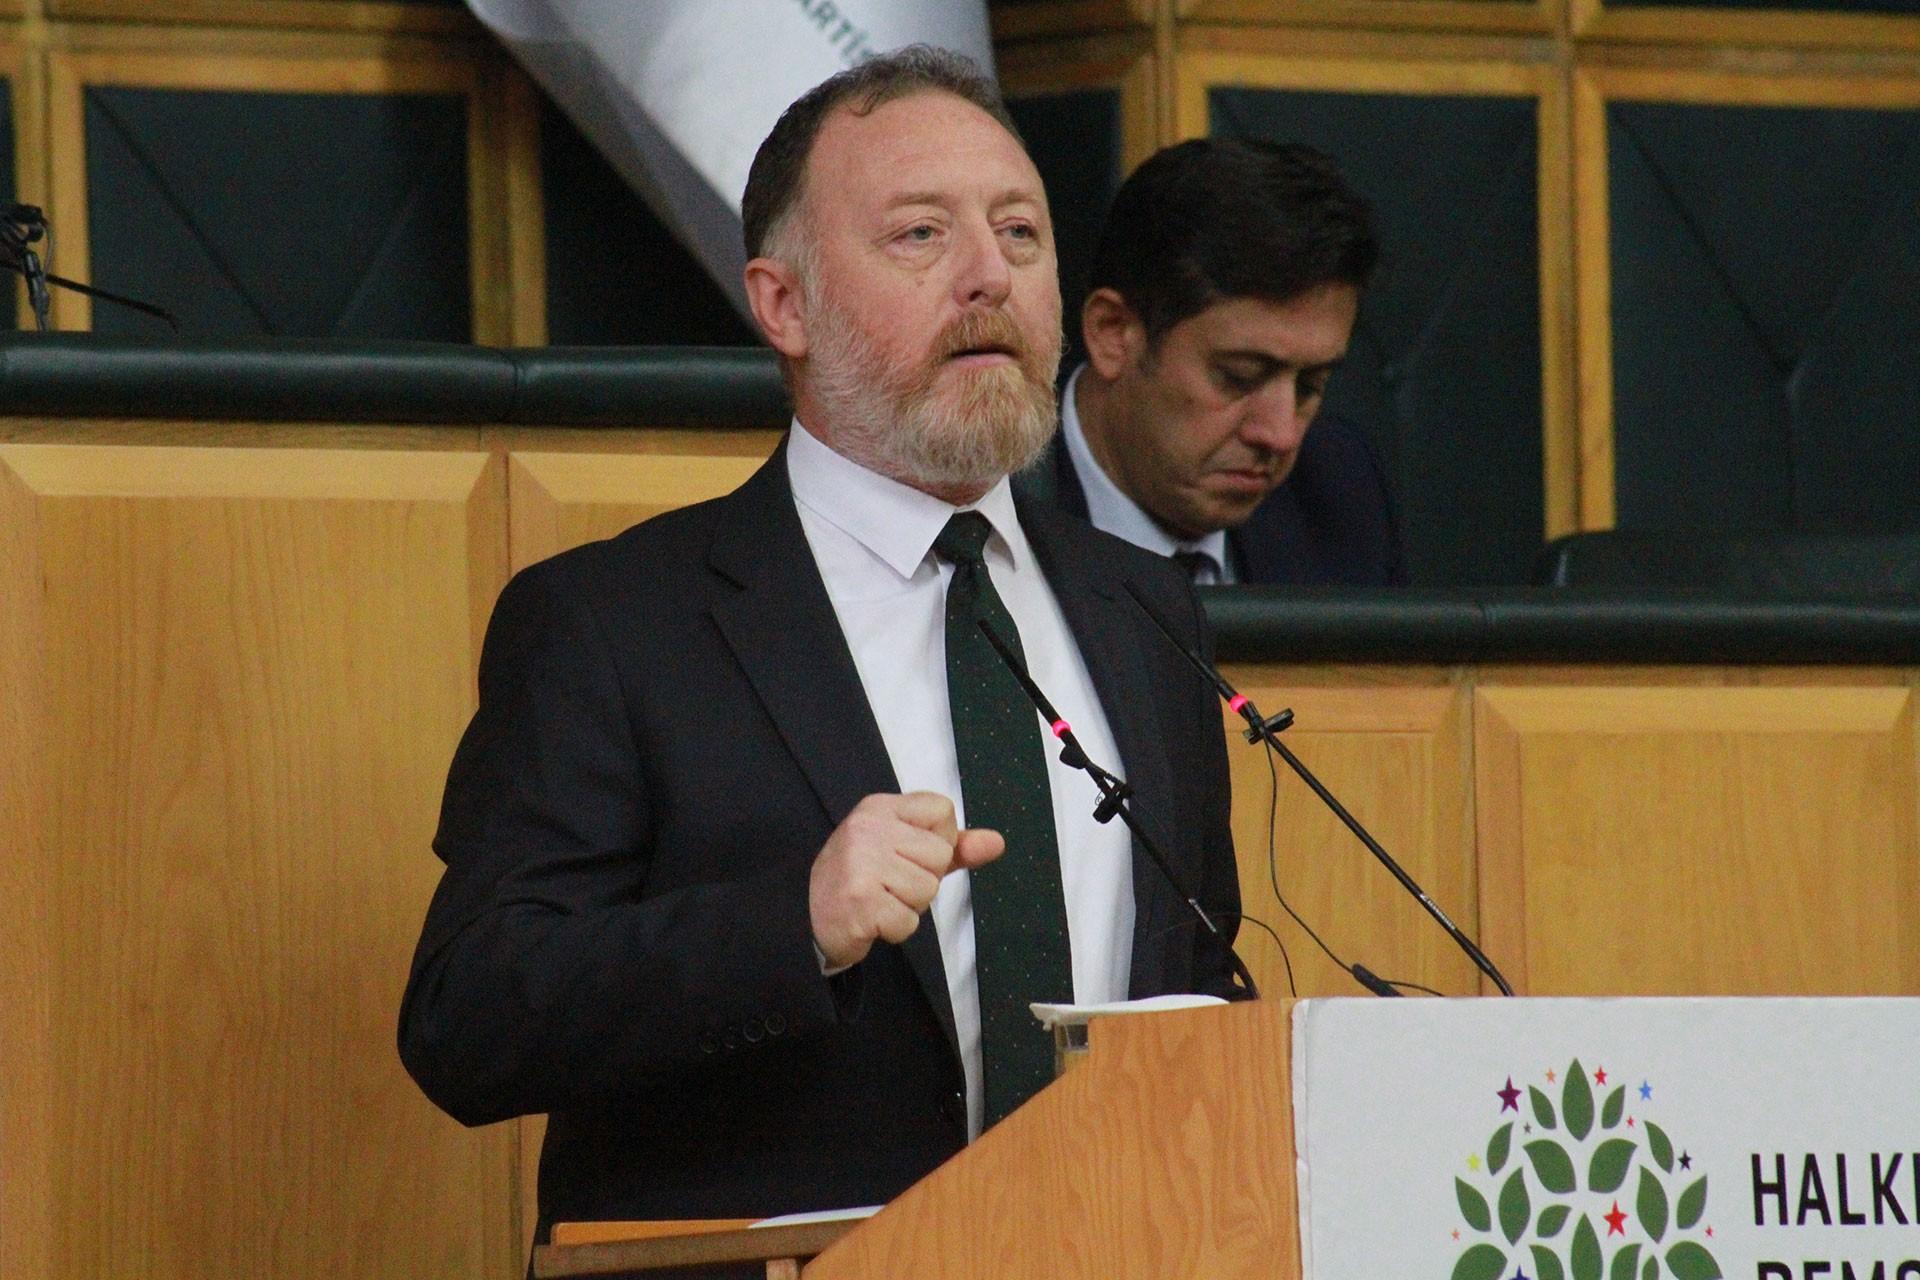 Temelli'den kayyum tepkisi: Üç gün boyunca Meclis çalışmalarına katılmayacağız